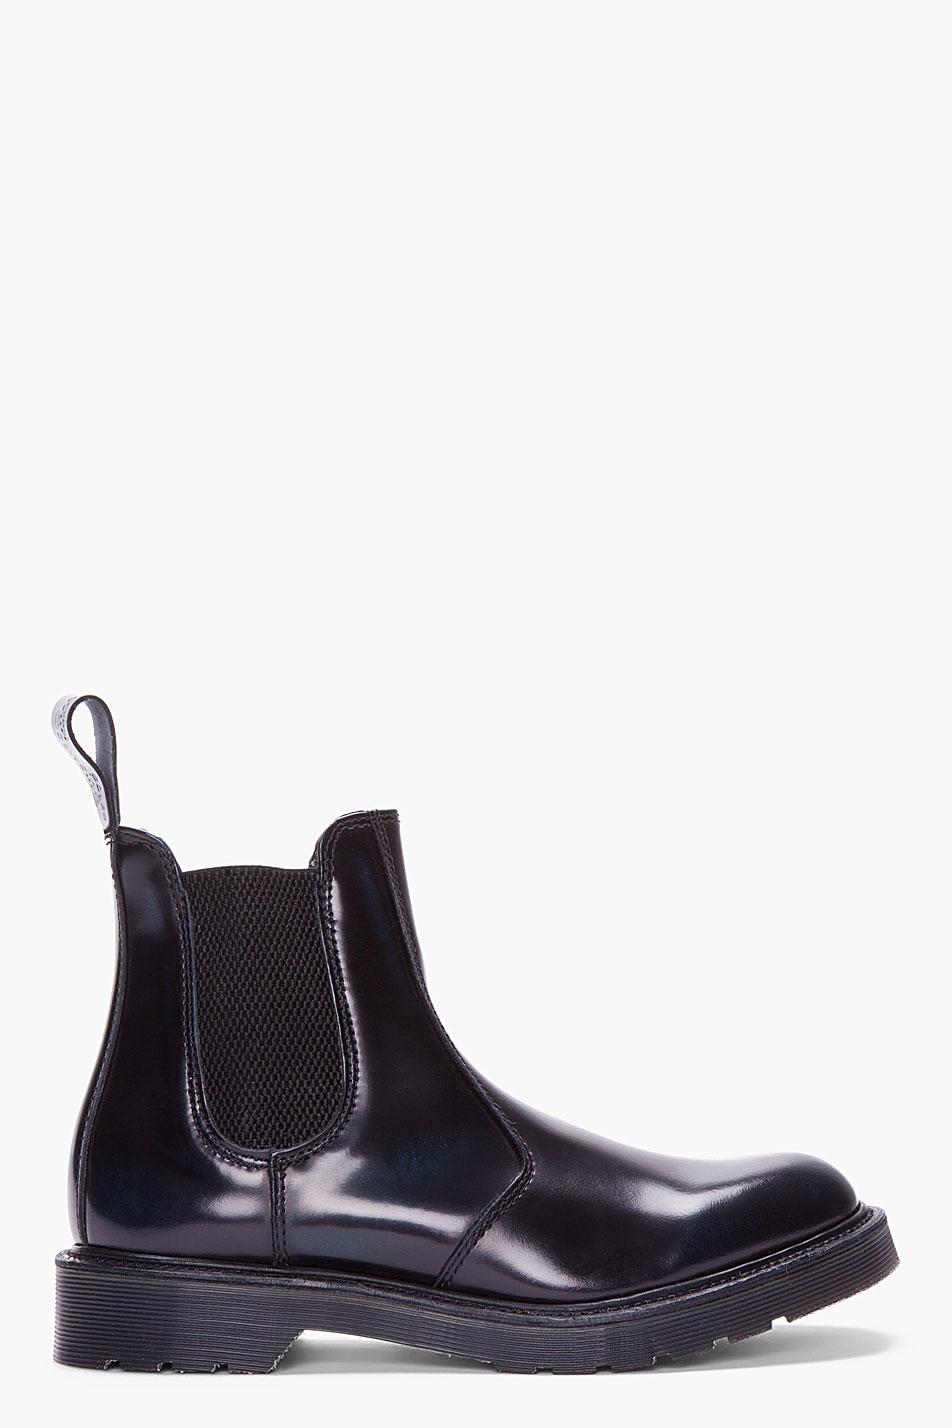 dr martens black patent leather chelsea boots in black for men lyst. Black Bedroom Furniture Sets. Home Design Ideas